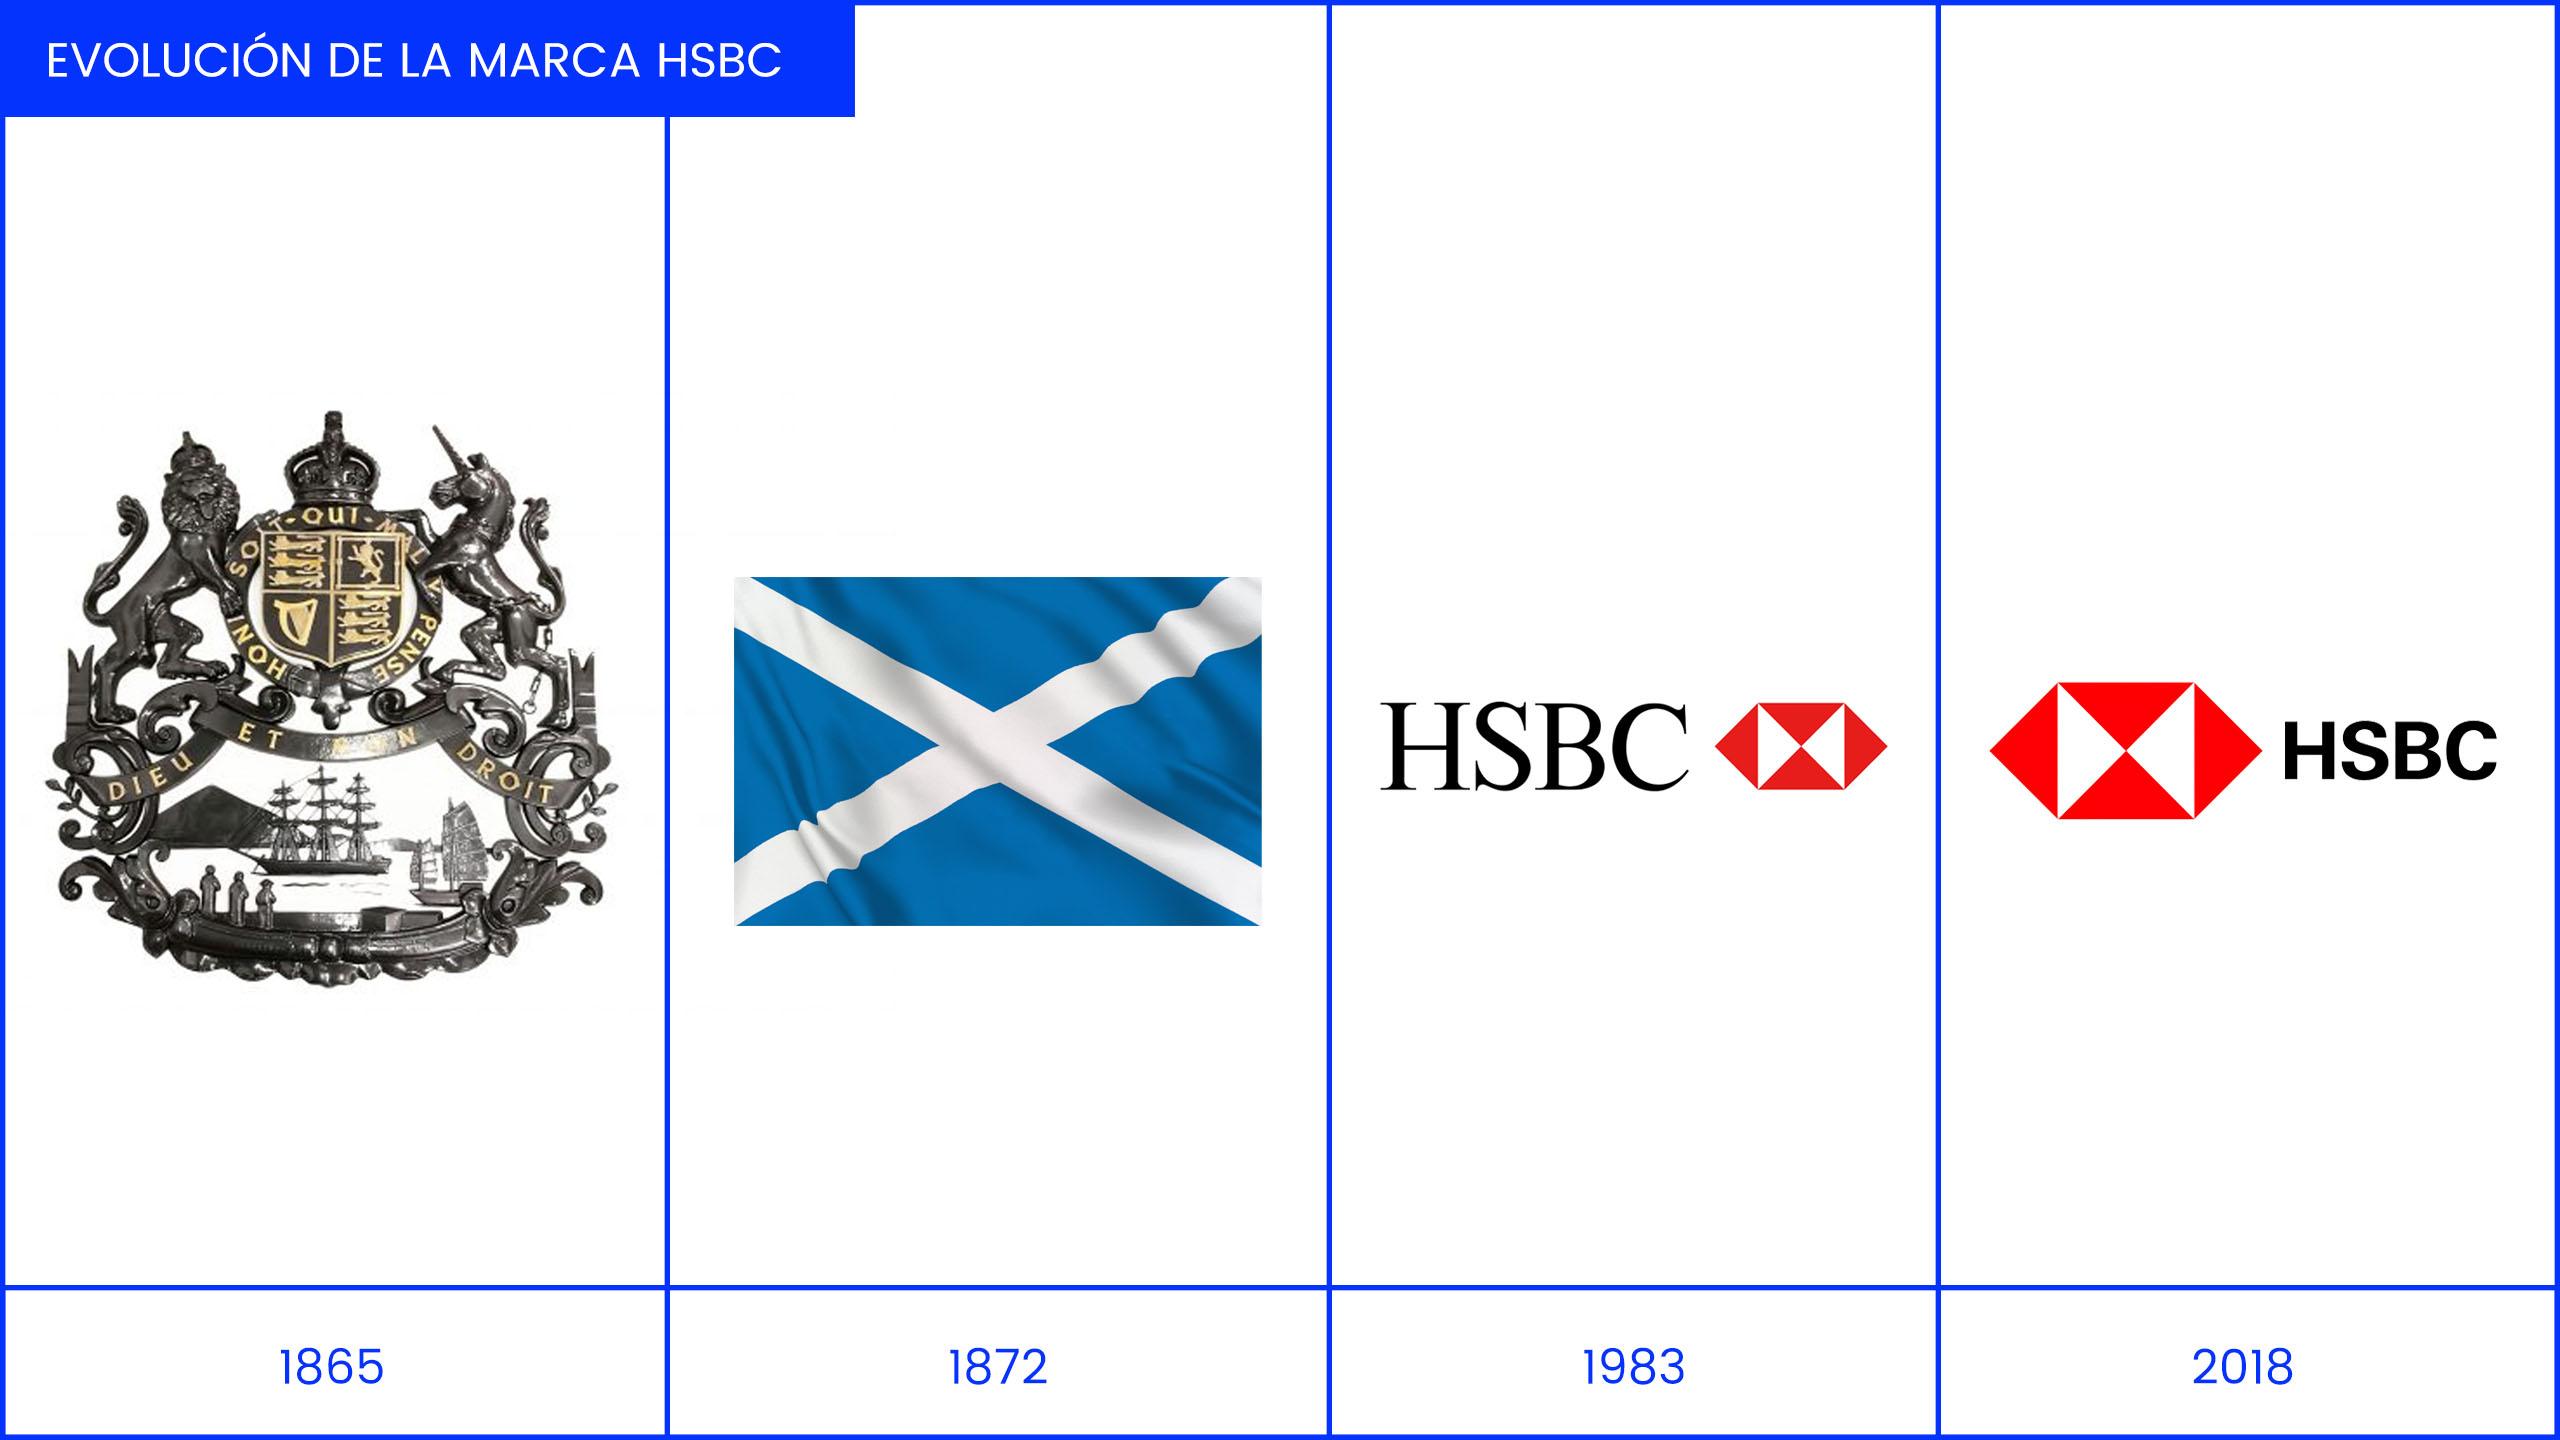 Evolución de la marca HSBC